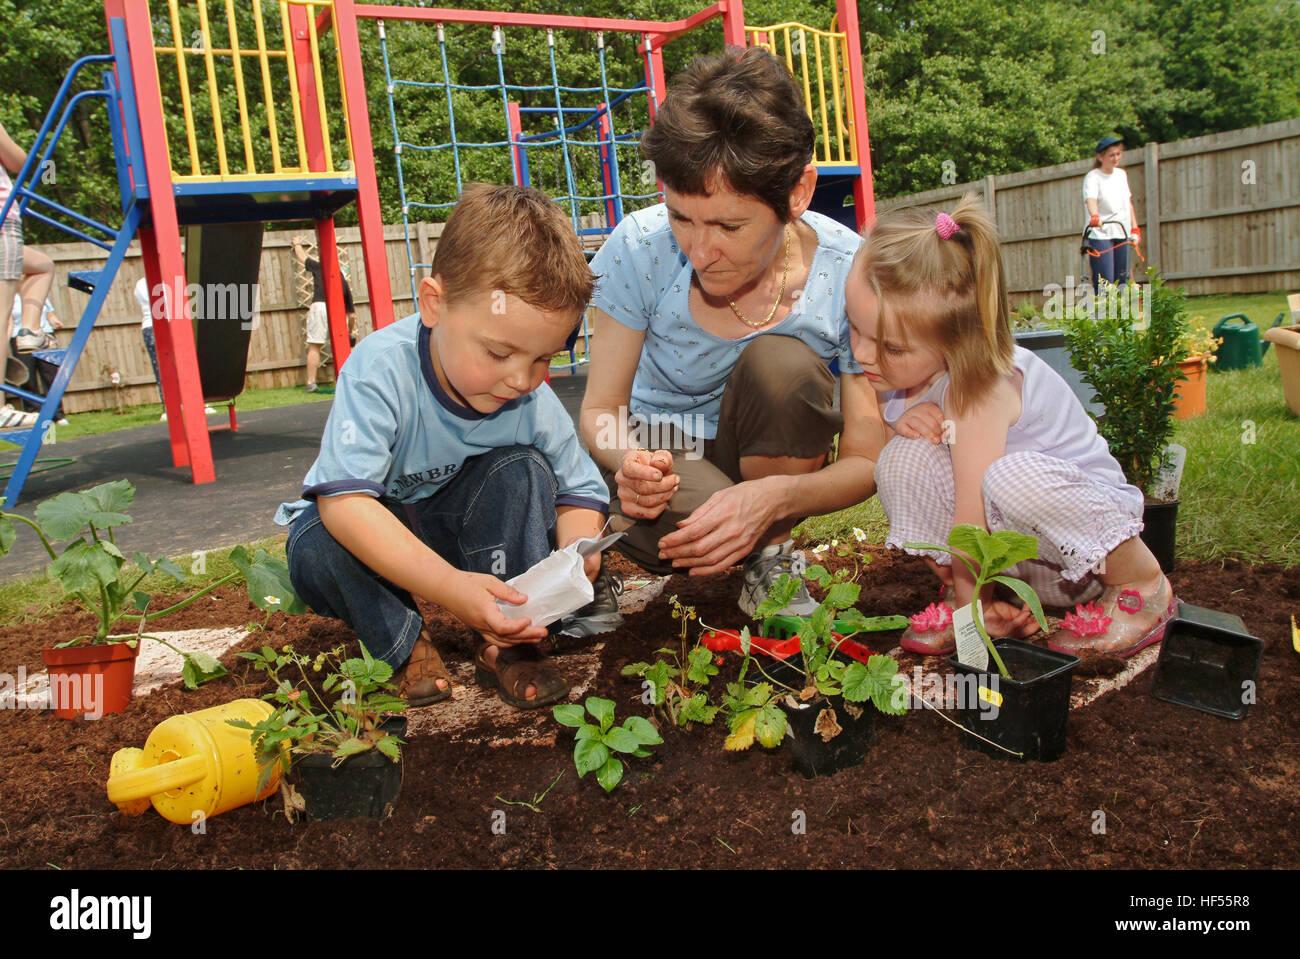 Children In Nursery School Garden Stock Photos & Children In Nursery ...